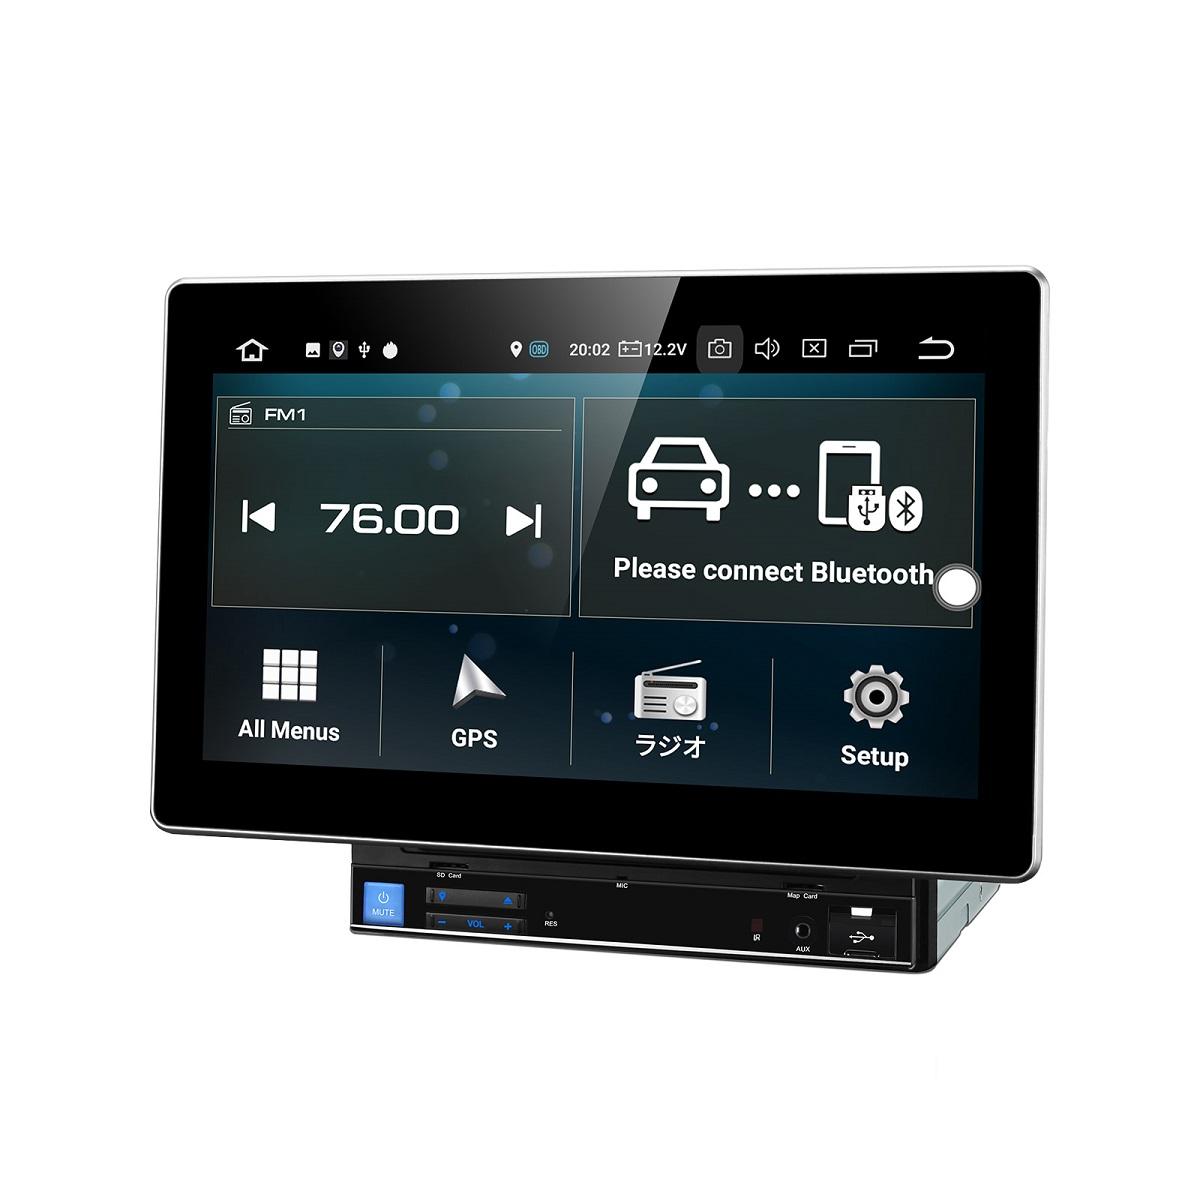 (TA108P) XTRONS 最新 Android8.1 静電式 2DIN 10.1インチ DVDプレーヤー 高画質 RAM2GB OBD2 WIFI TPMS搭載可 ミラーリング カーナビ GPS